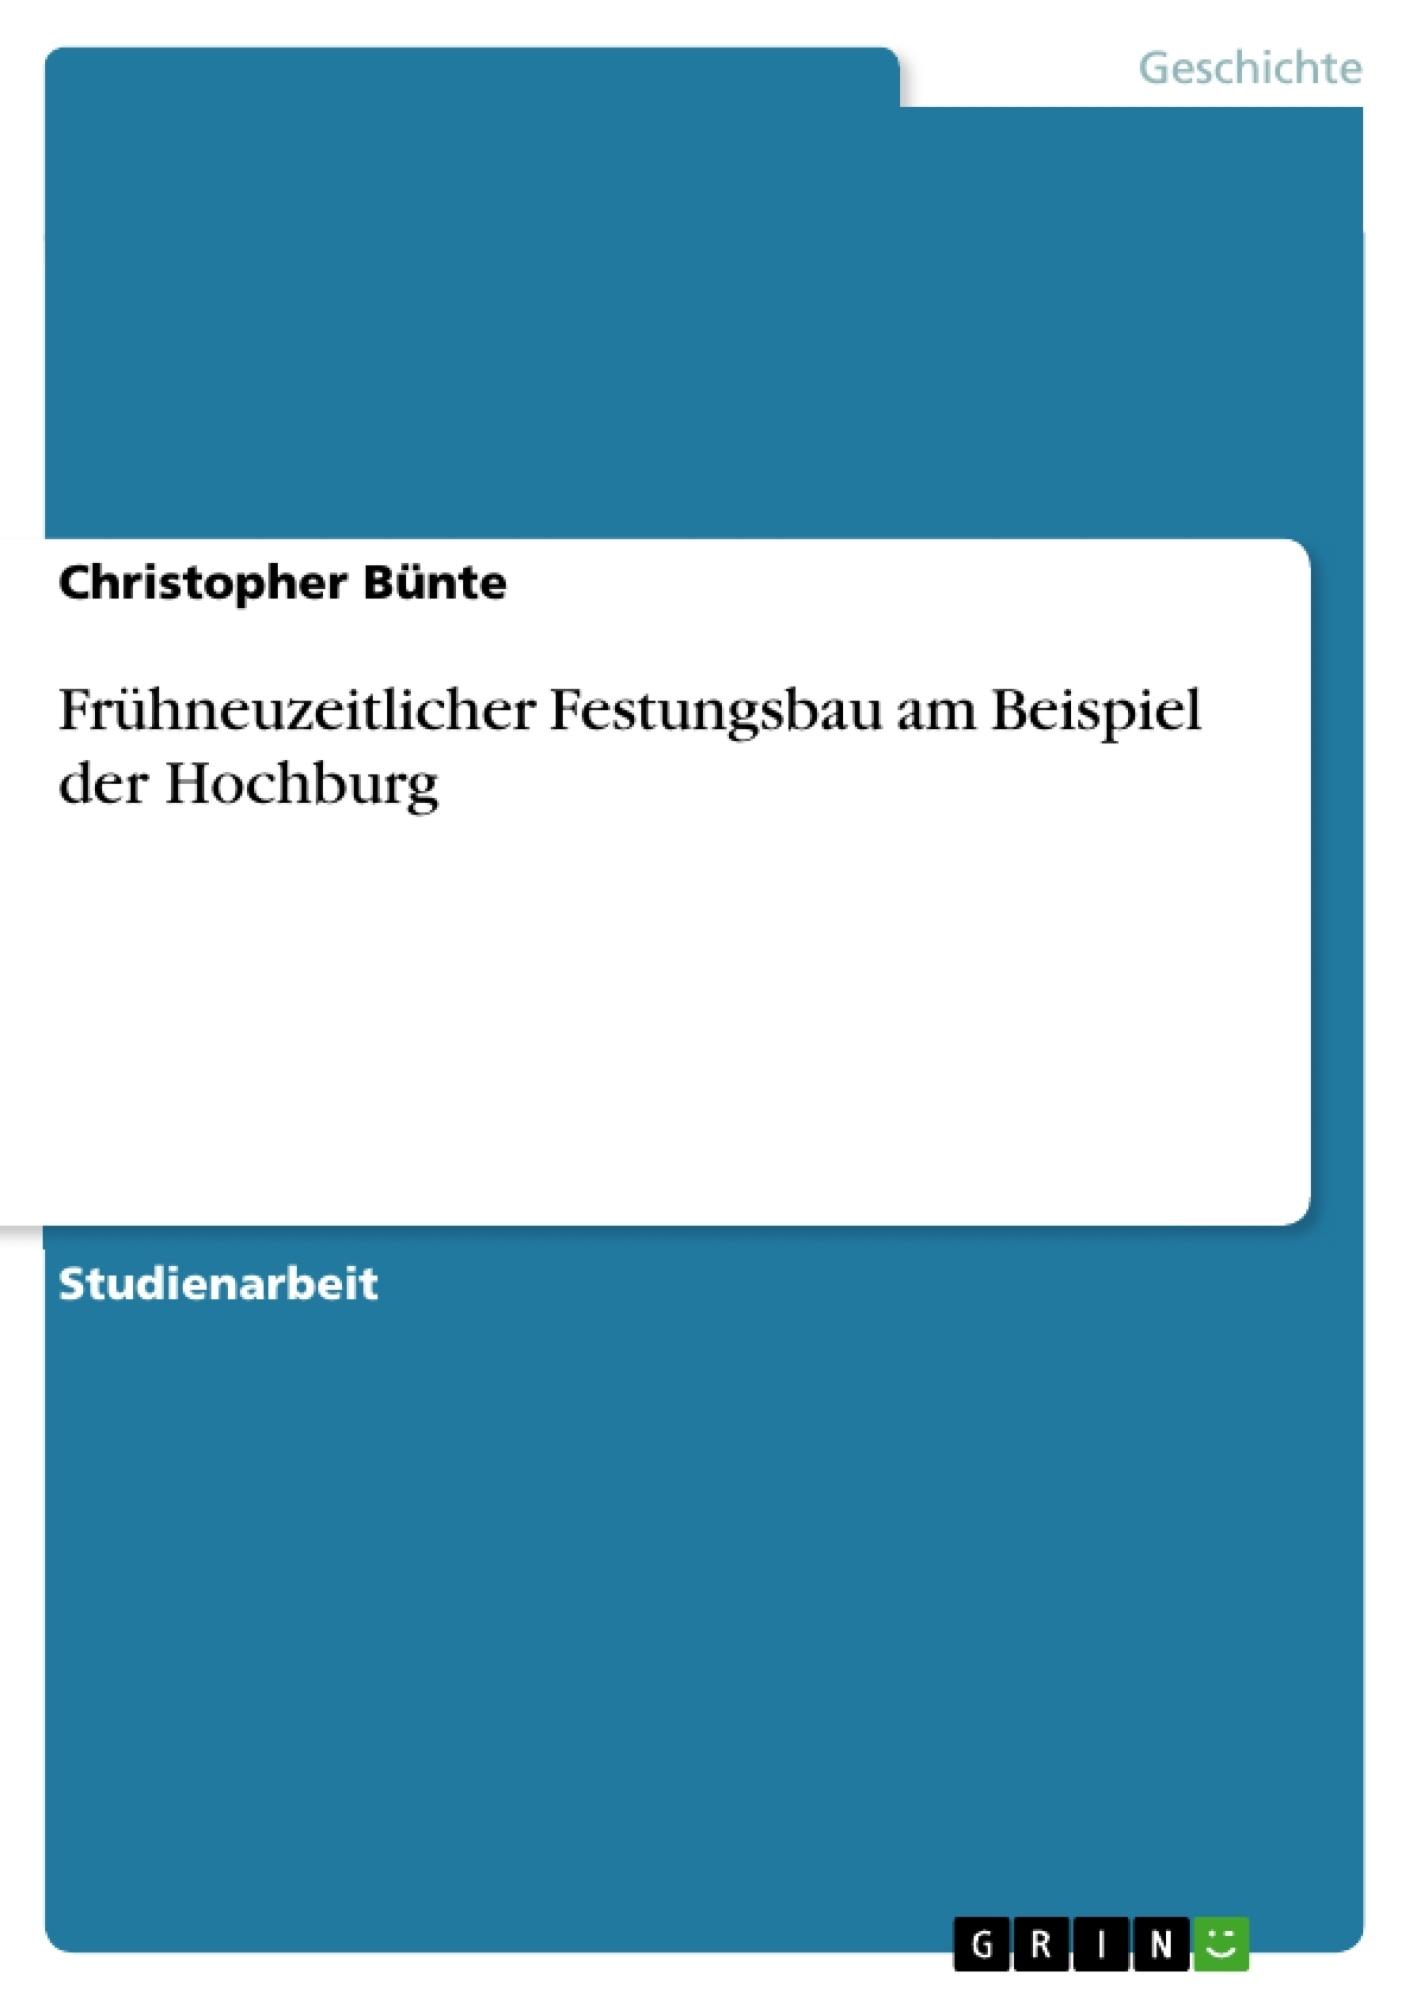 Titel: Frühneuzeitlicher Festungsbau am Beispiel der Hochburg